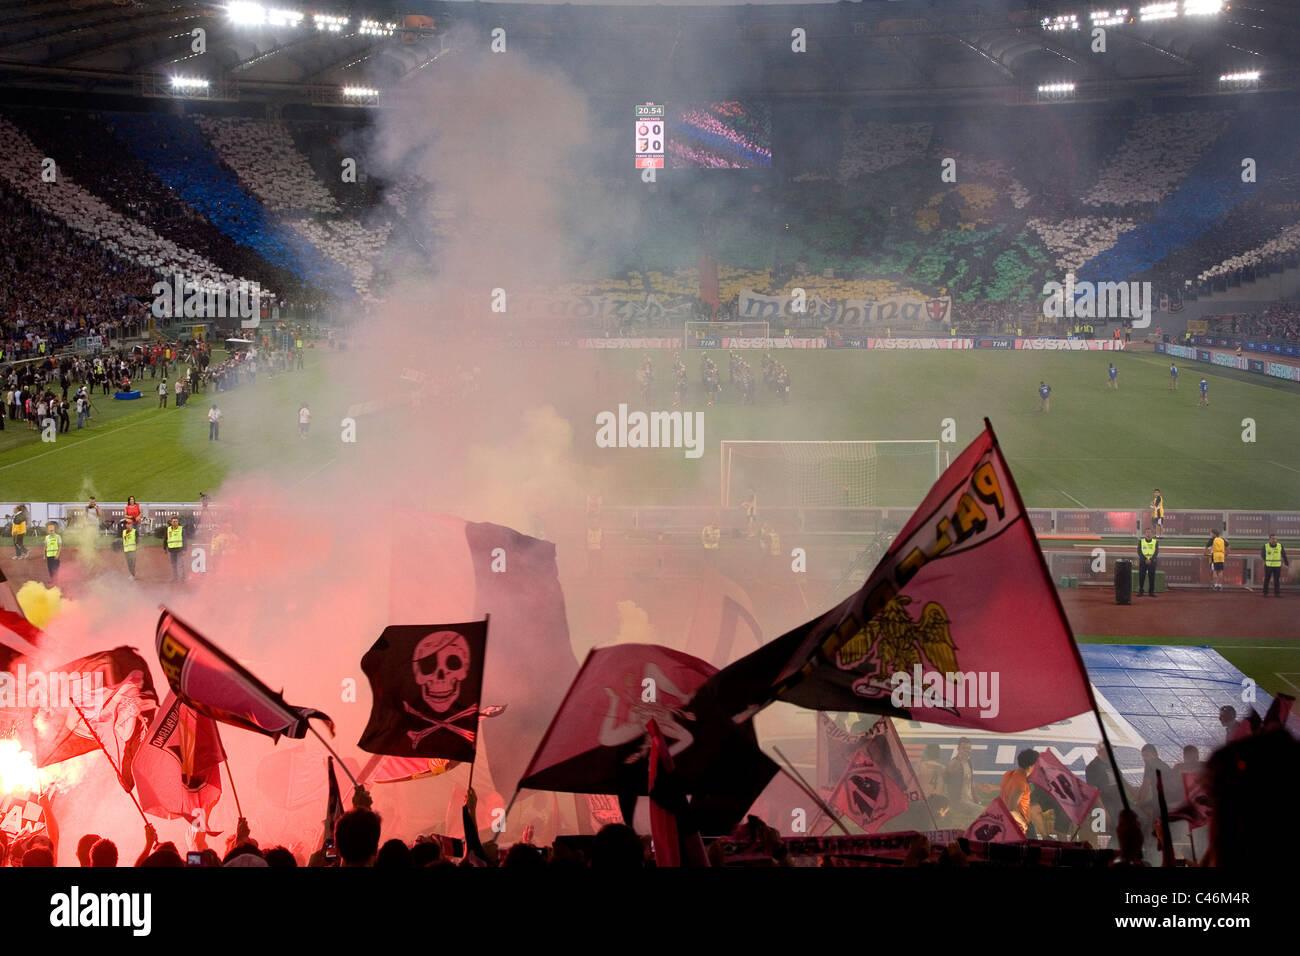 Palerme les supporters de football au stade olympique de Rome avant la finale de la coupe d'Italie contre l'Inter Photo Stock